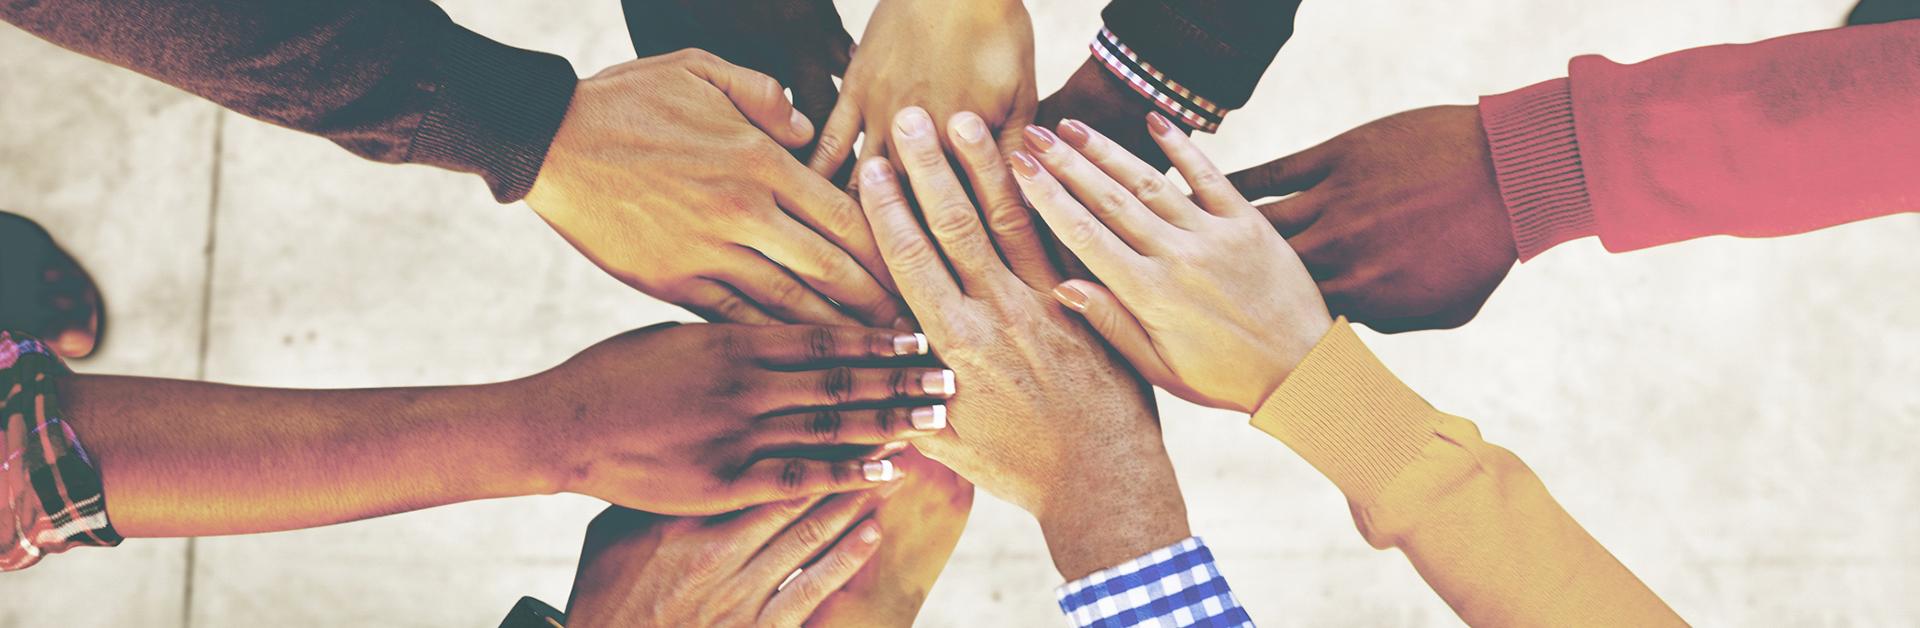 Foto de várias mãos de pessoas de diversas etnias, uma sobre a outra